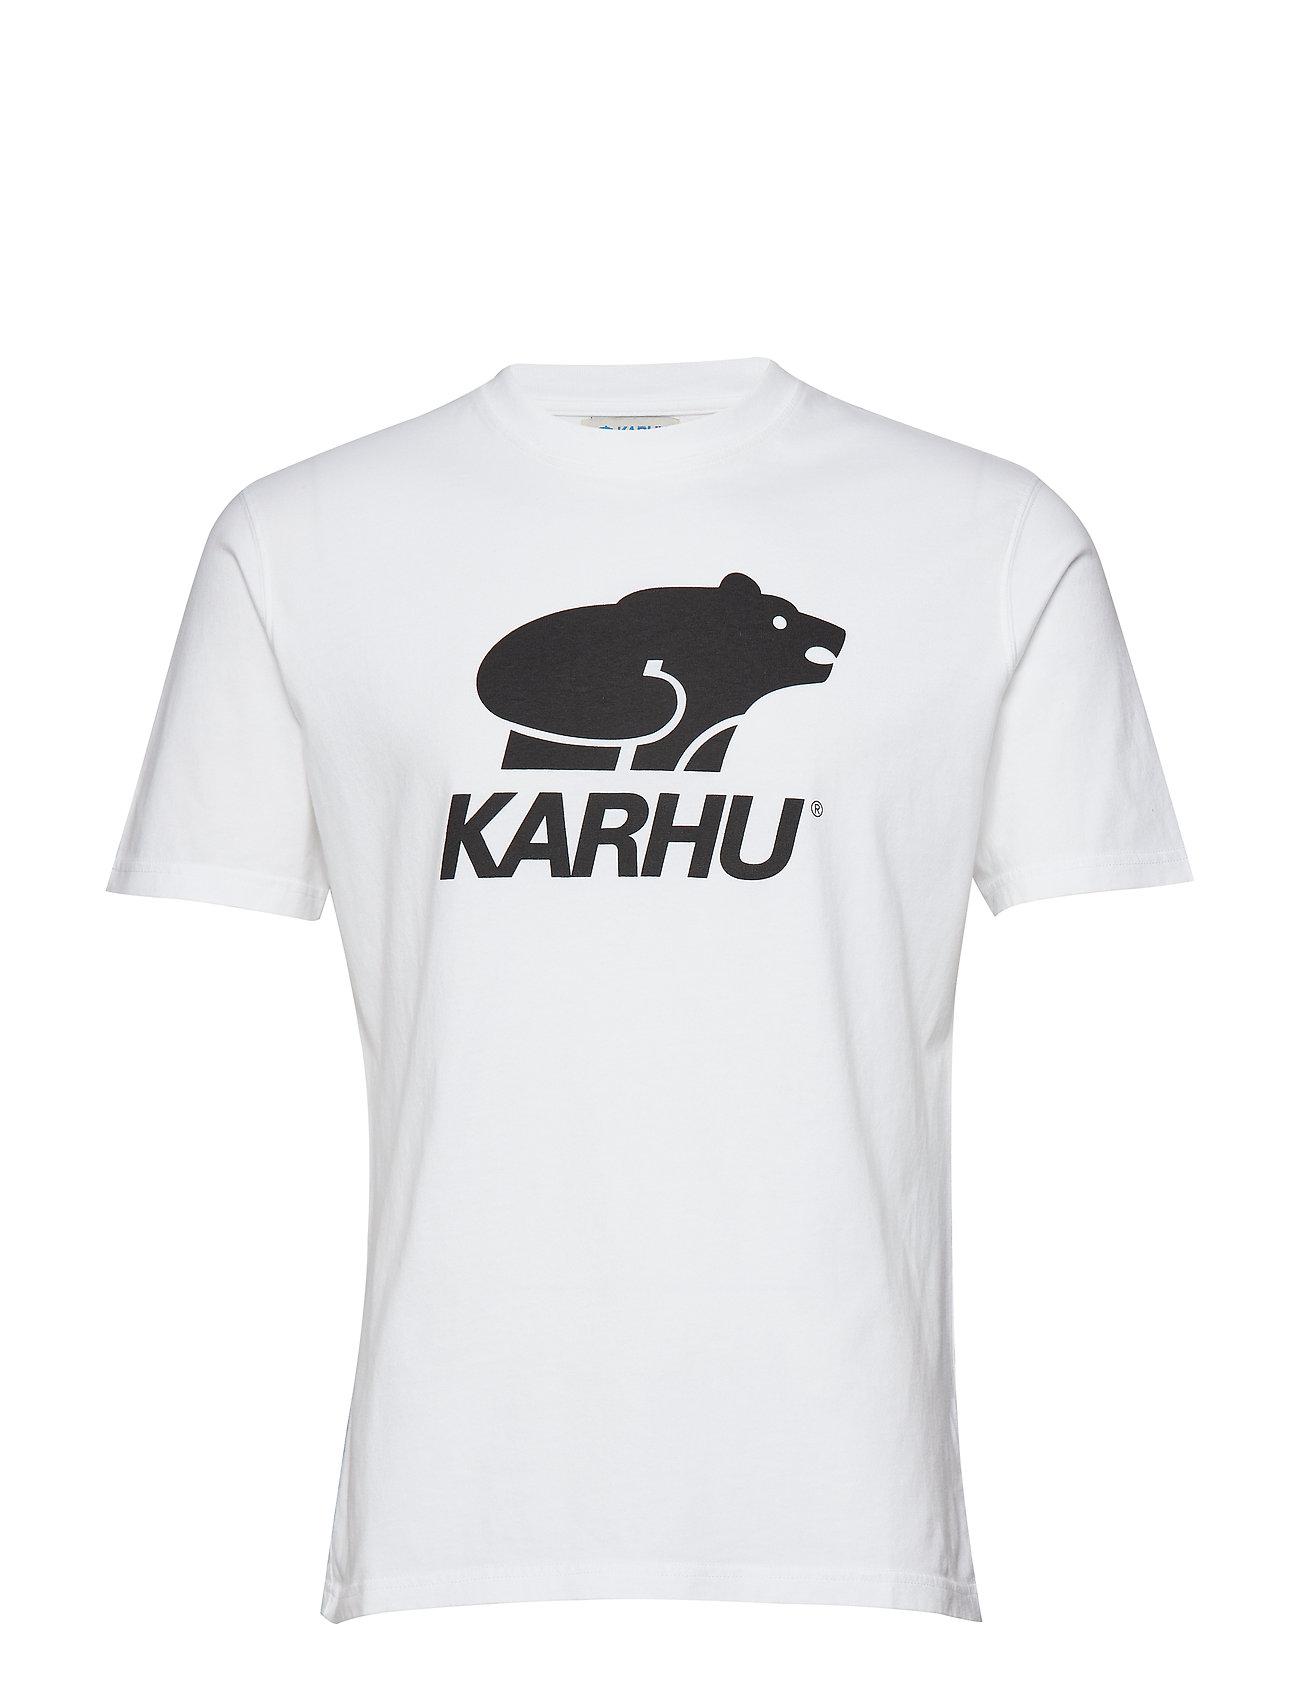 T blackKarhu Logo Basic Logo shirtwhite Basic JcTlFK1